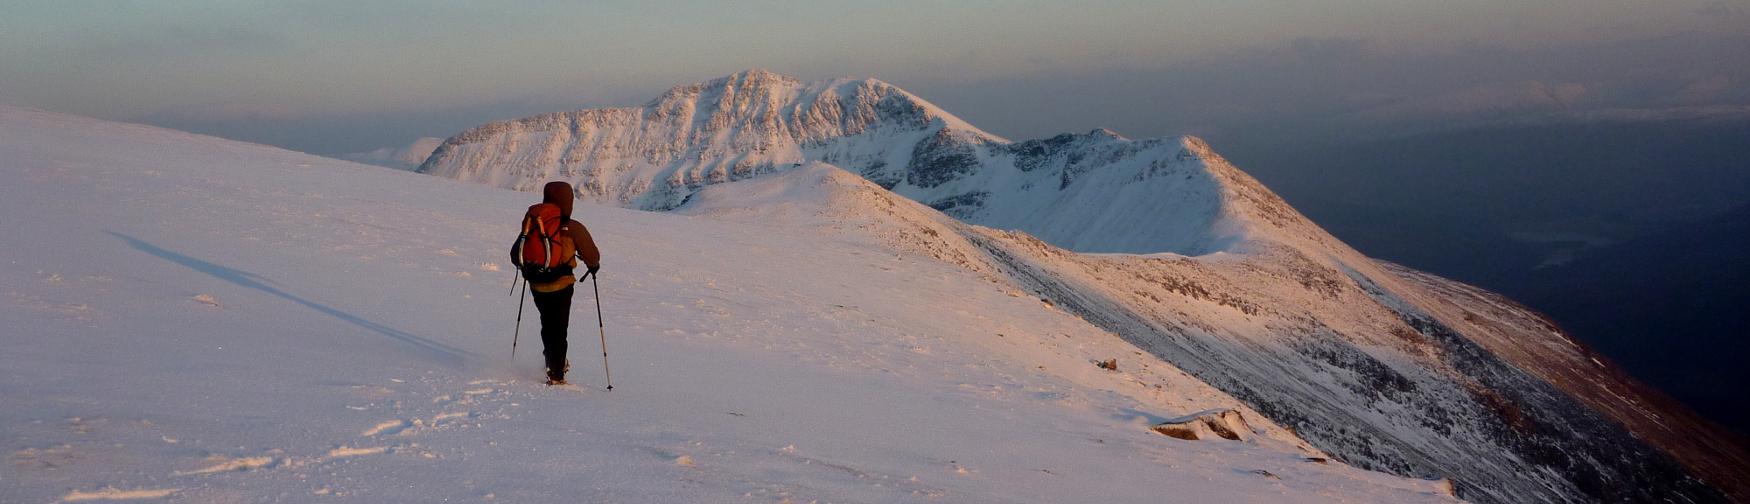 Mountain Guiding Services - Dave Talbot